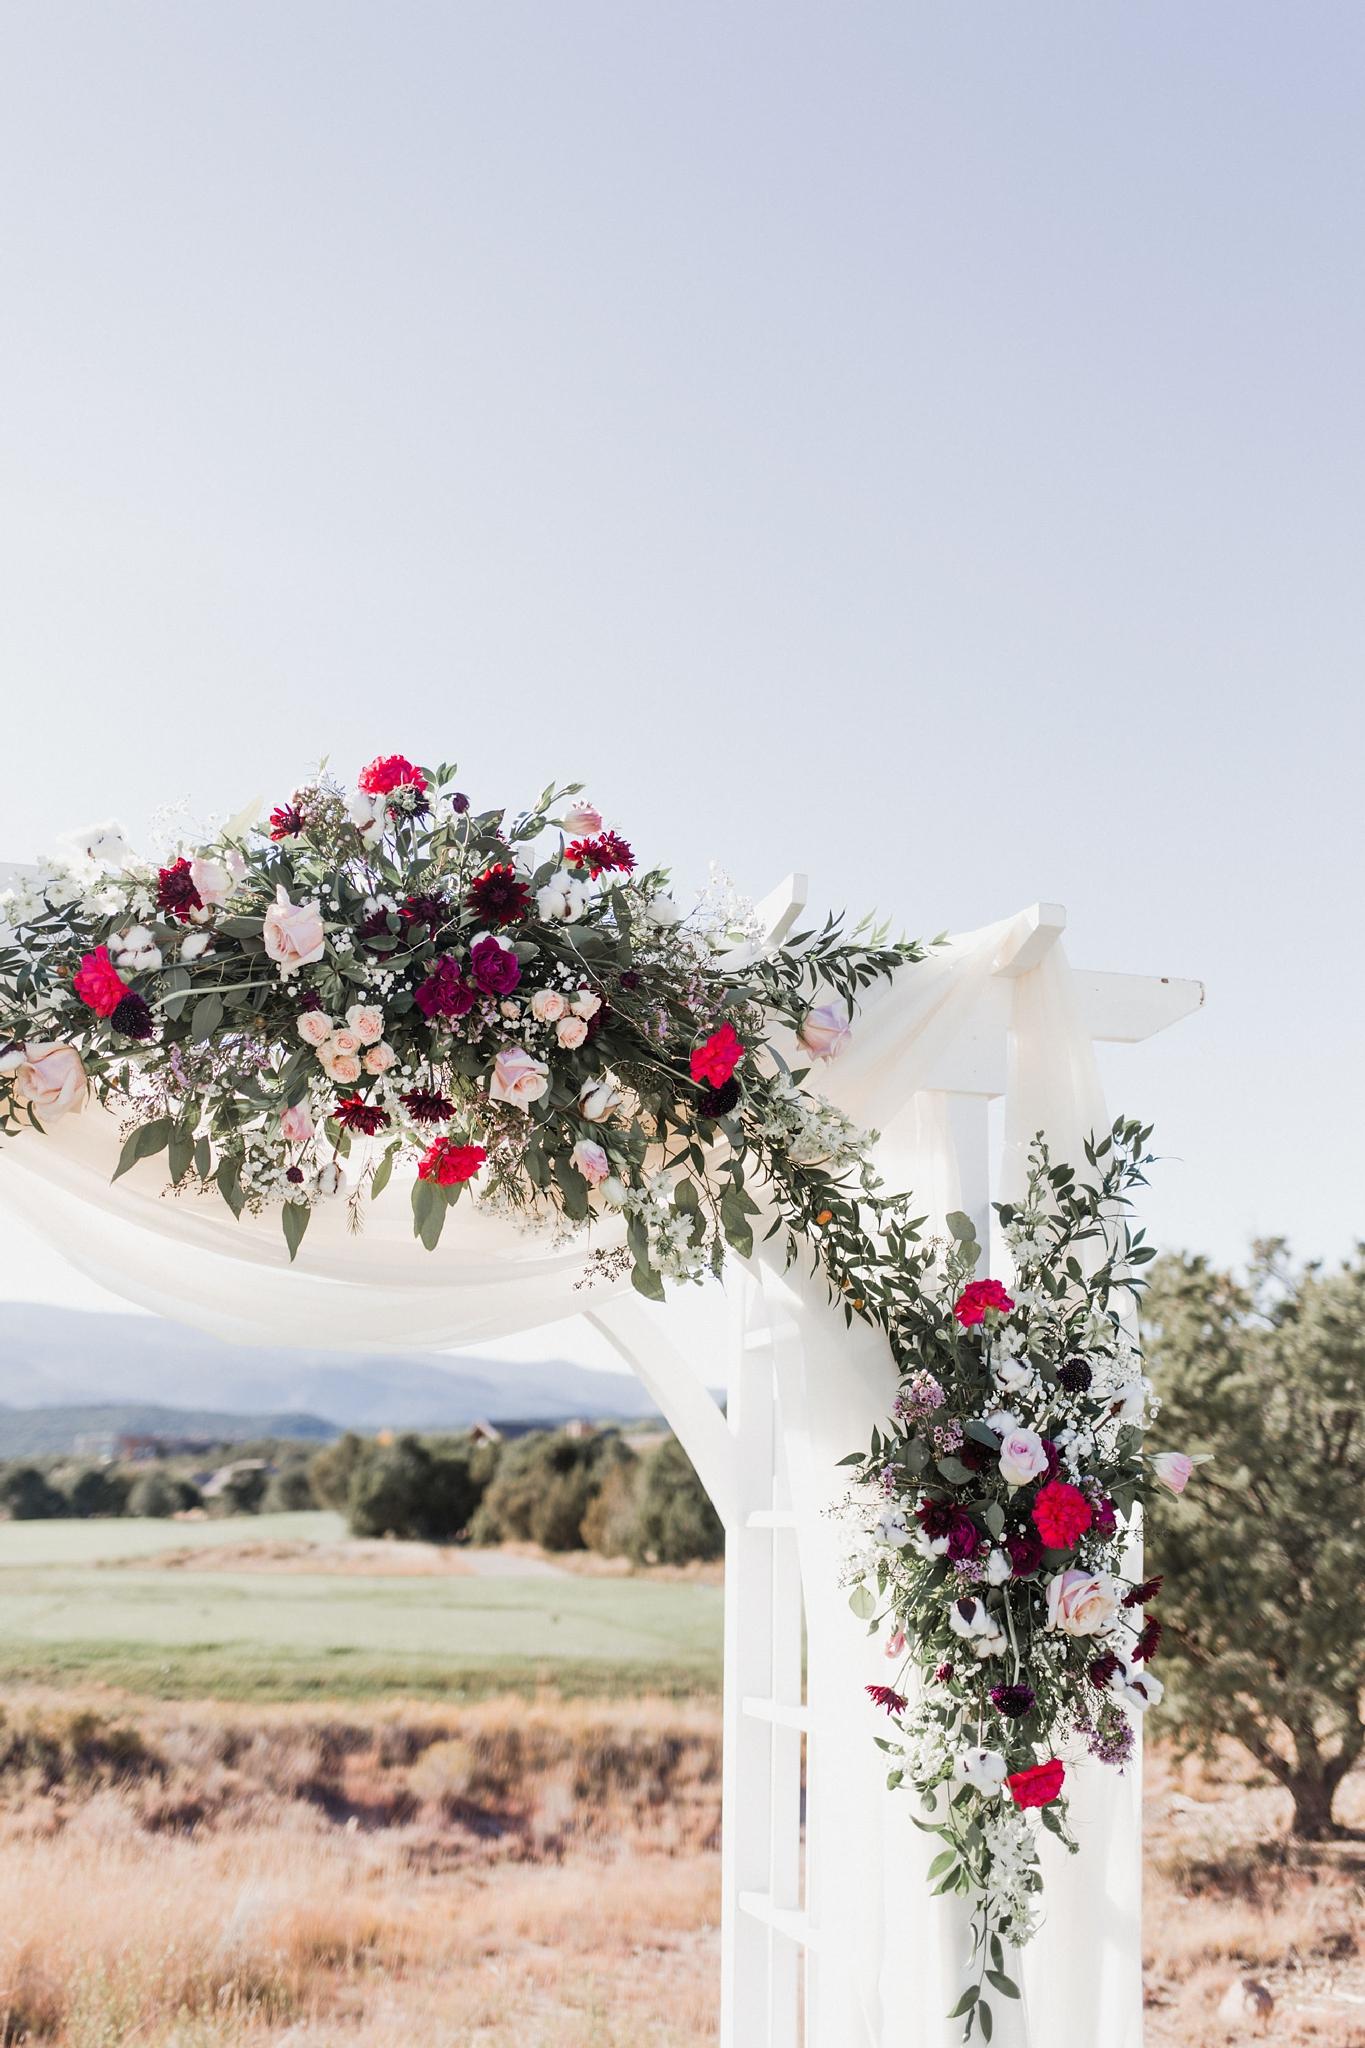 Alicia+lucia+photography+-+albuquerque+wedding+photographer+-+santa+fe+wedding+photography+-+new+mexico+wedding+photographer+-+wedding+ceremony+-+wedding+alter+-+floral+alter_0049.jpg